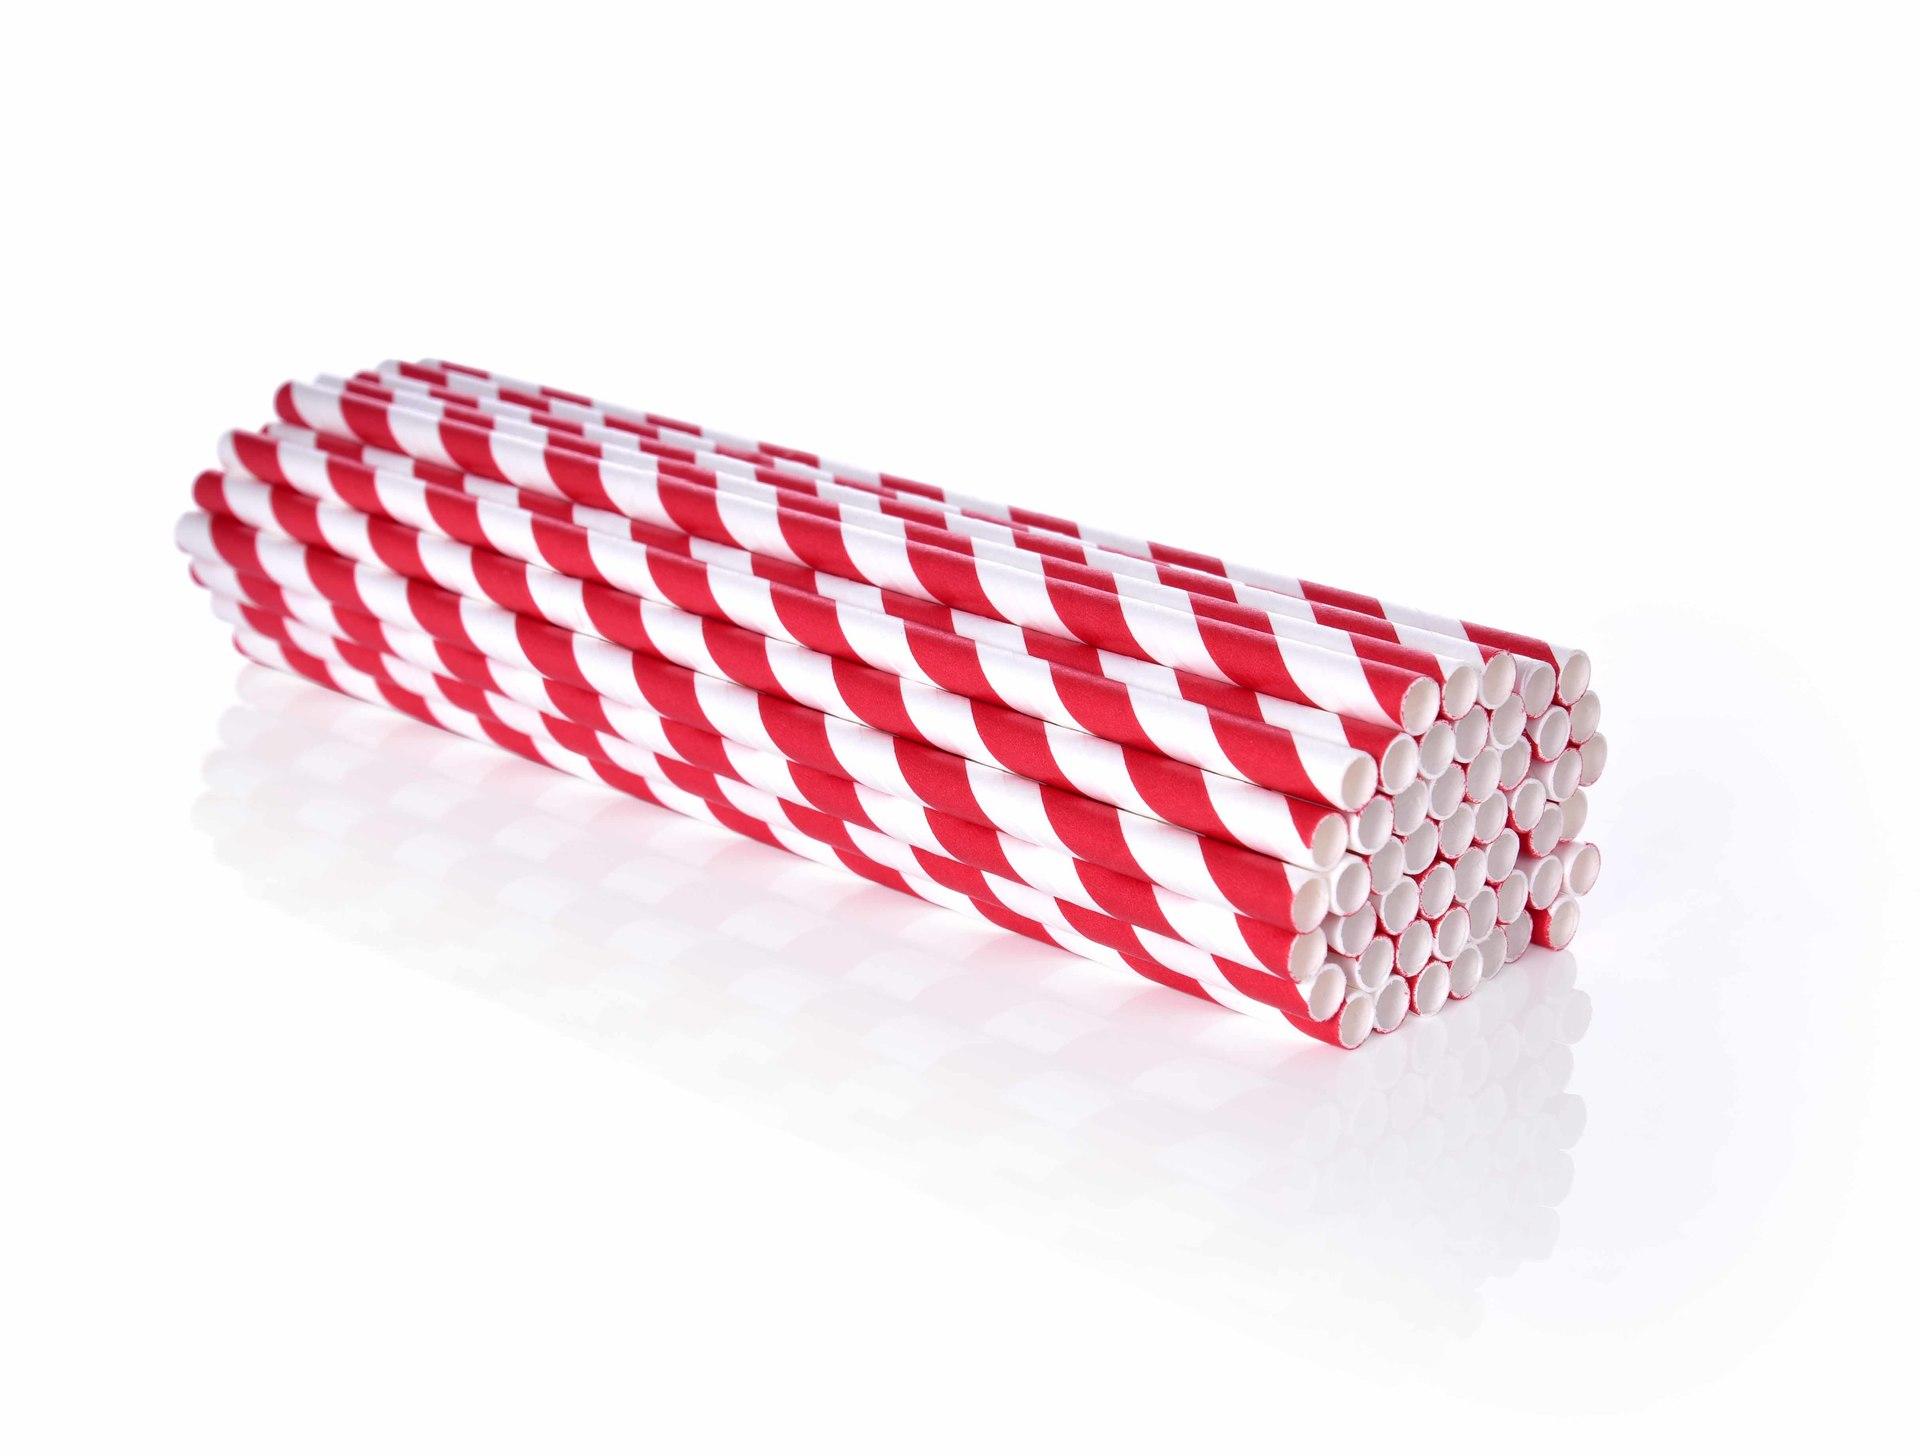 EKOSLÁMKY papírové jednorázové GoEco® 50 ks červené